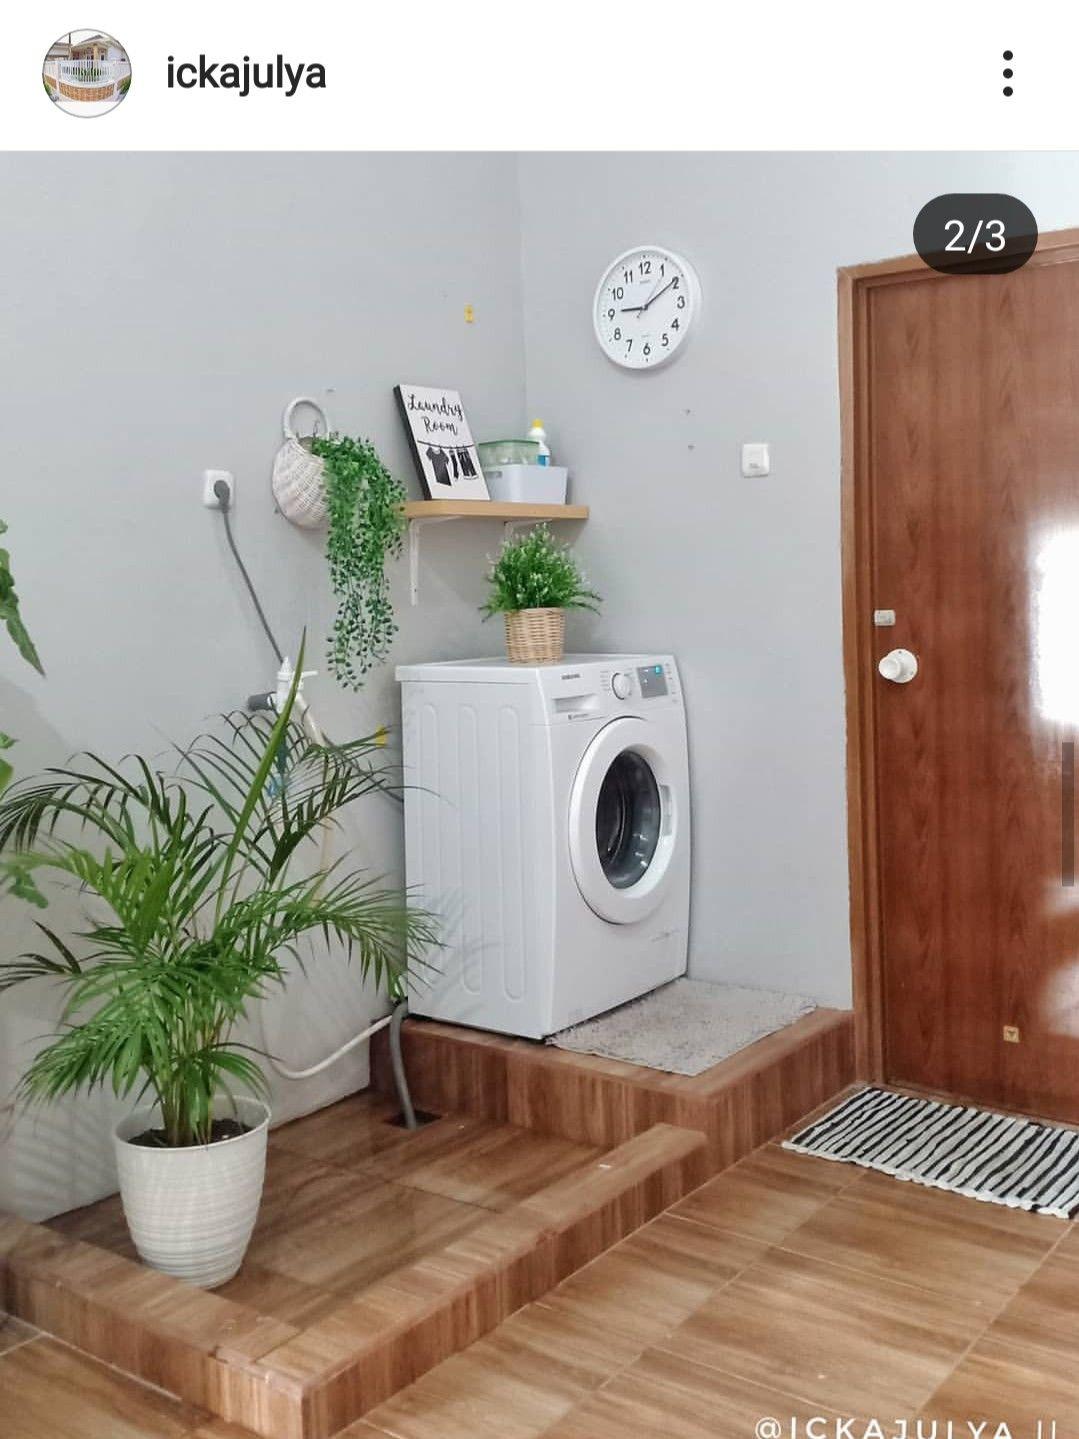 Desain Tempat Cuci Mobil Sederhana : desain, tempat, mobil, sederhana, Abduh, Laundry, Kamar, Mandi,, Desain,, Ruang